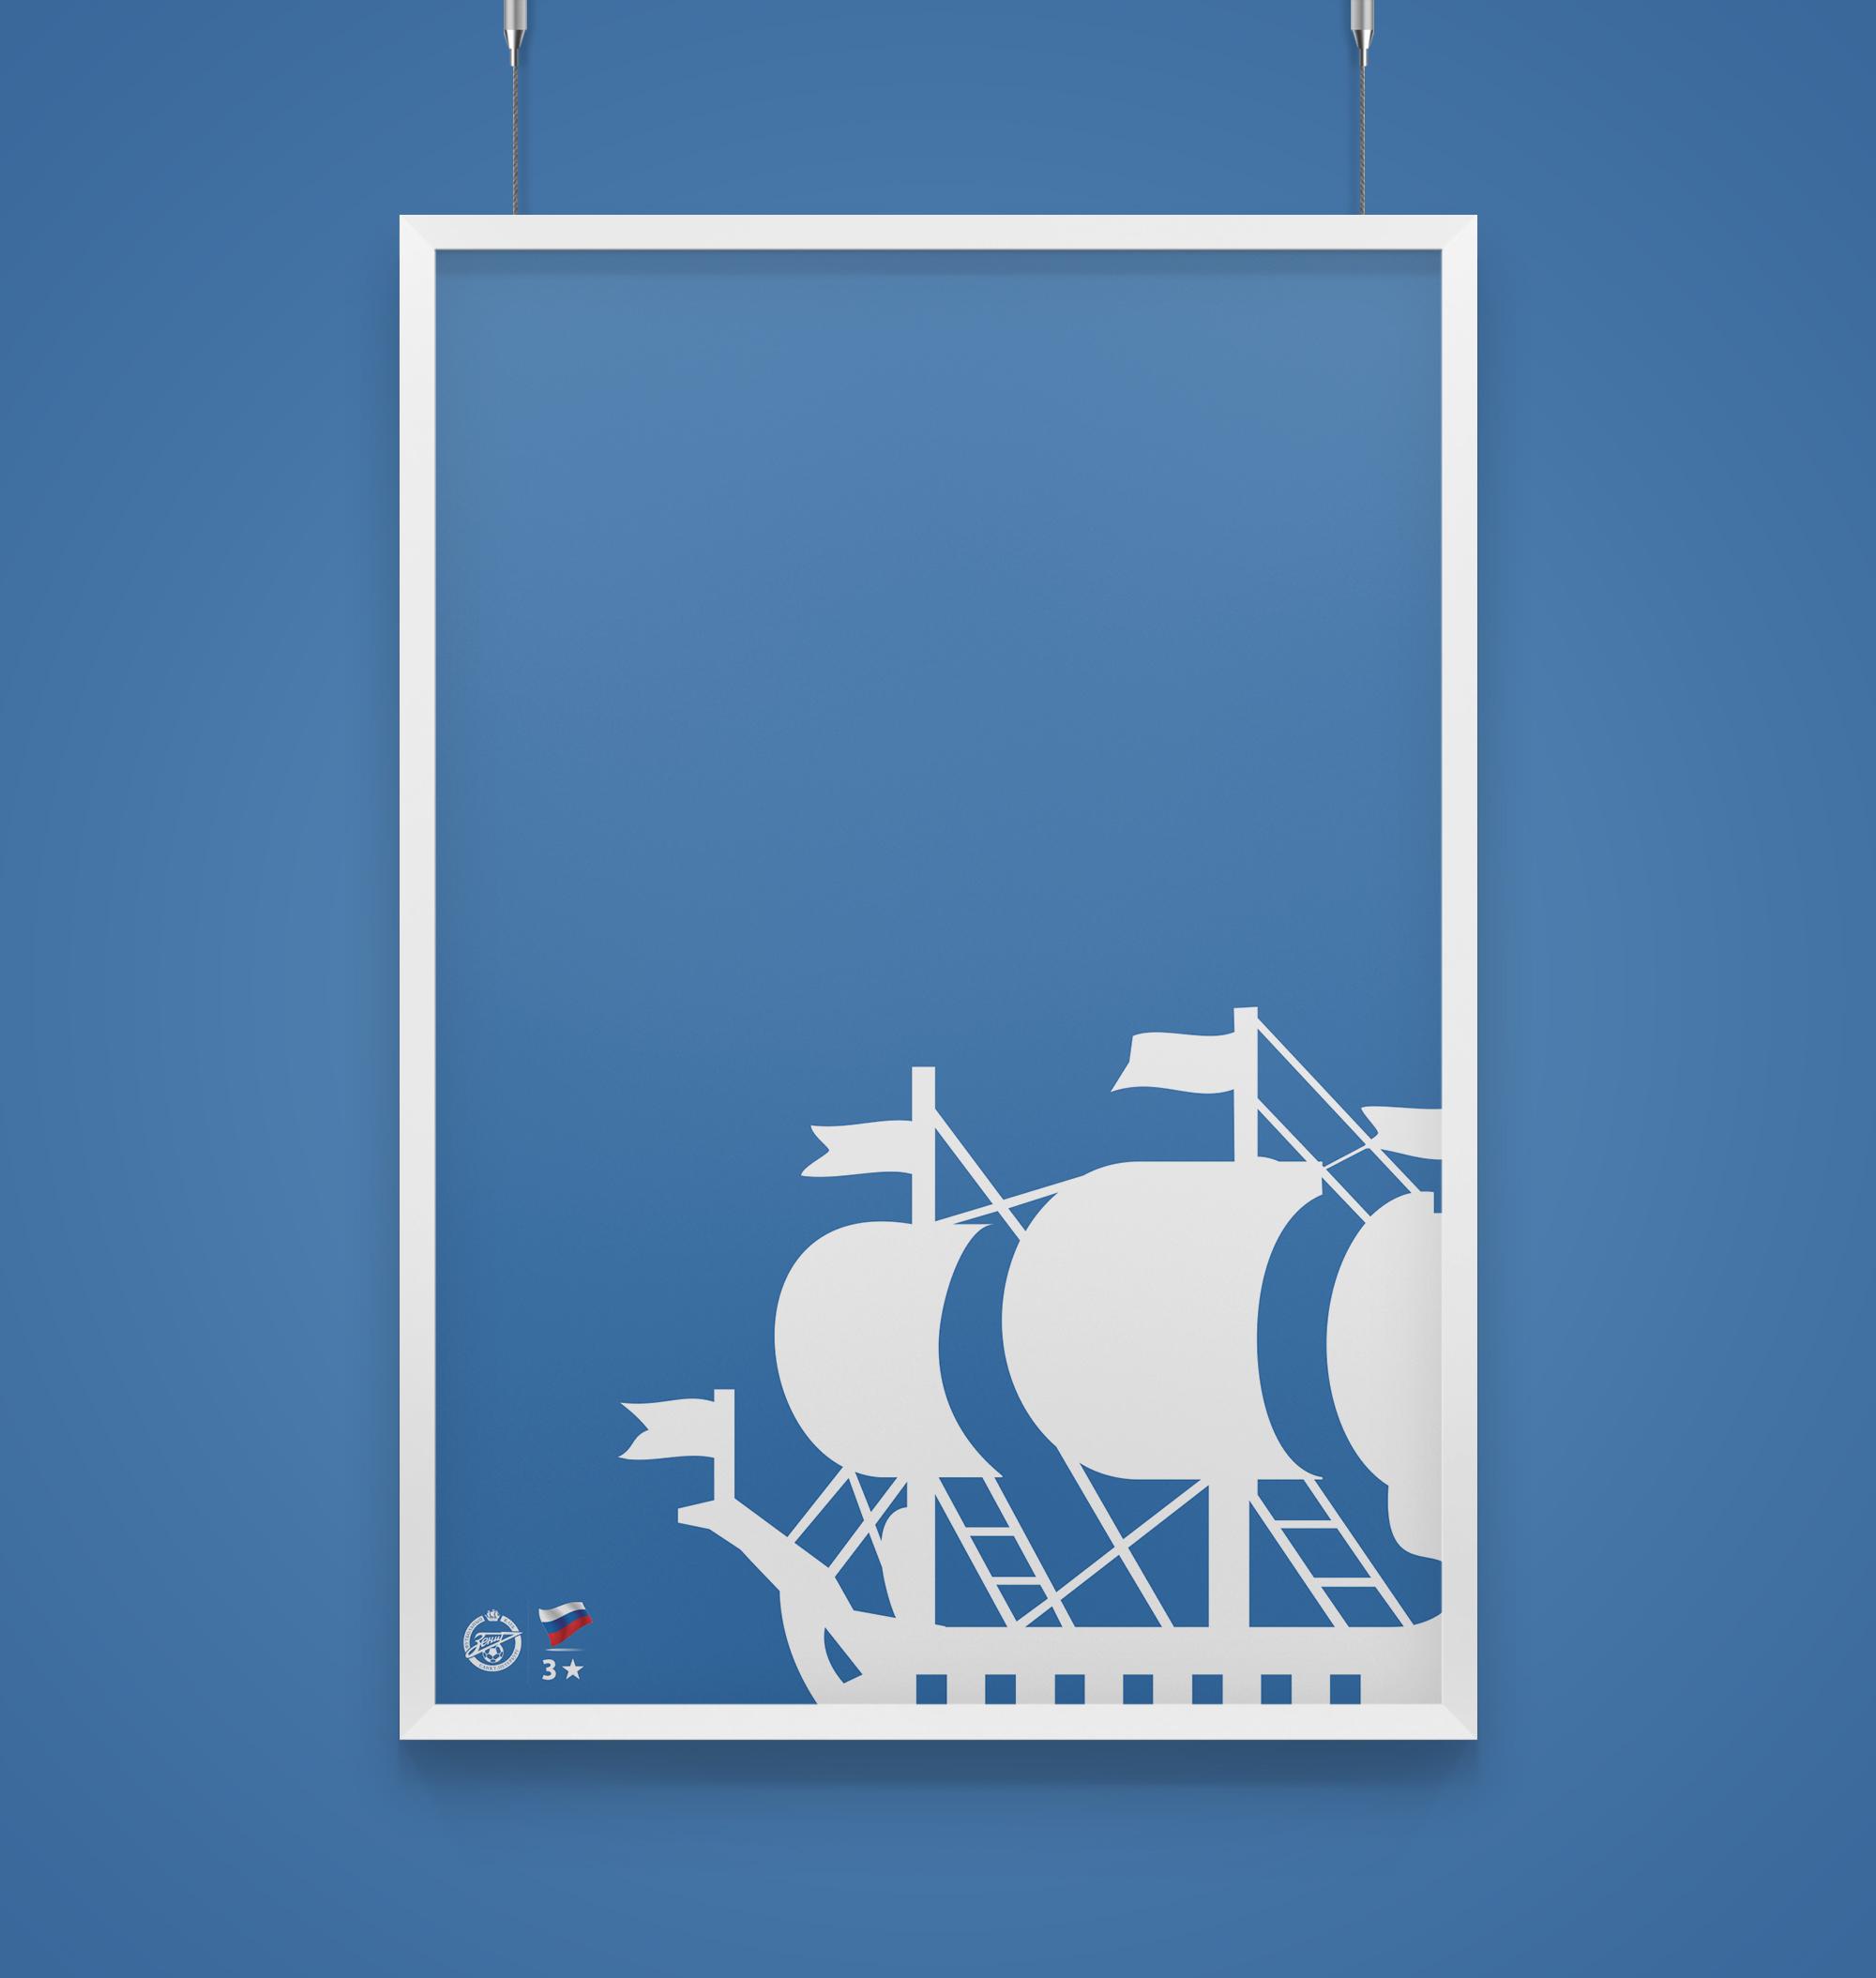 raniev-rod-alvarez-diseño-gráfico-queretaro-poster-minimalist-champions-9-zenit